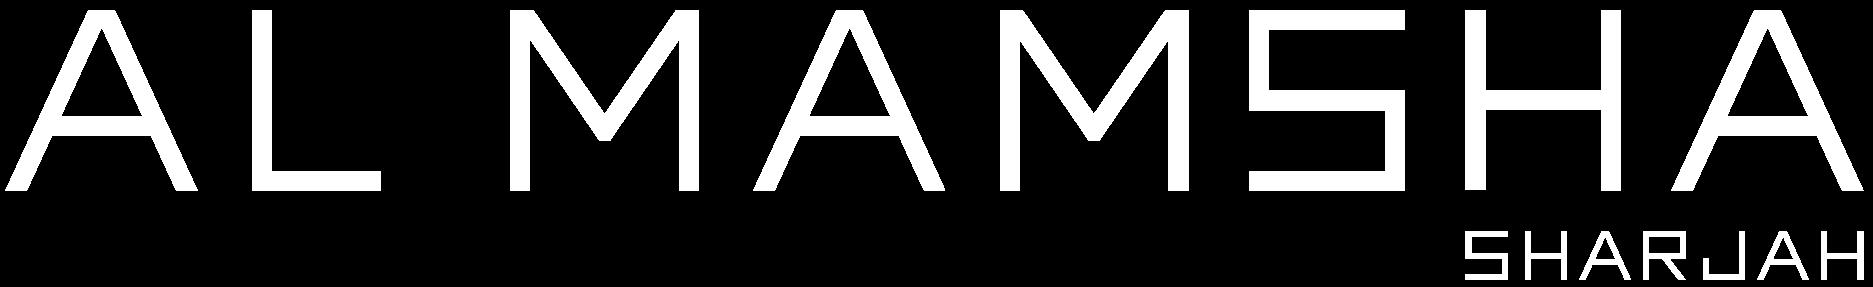 almamsha logo light